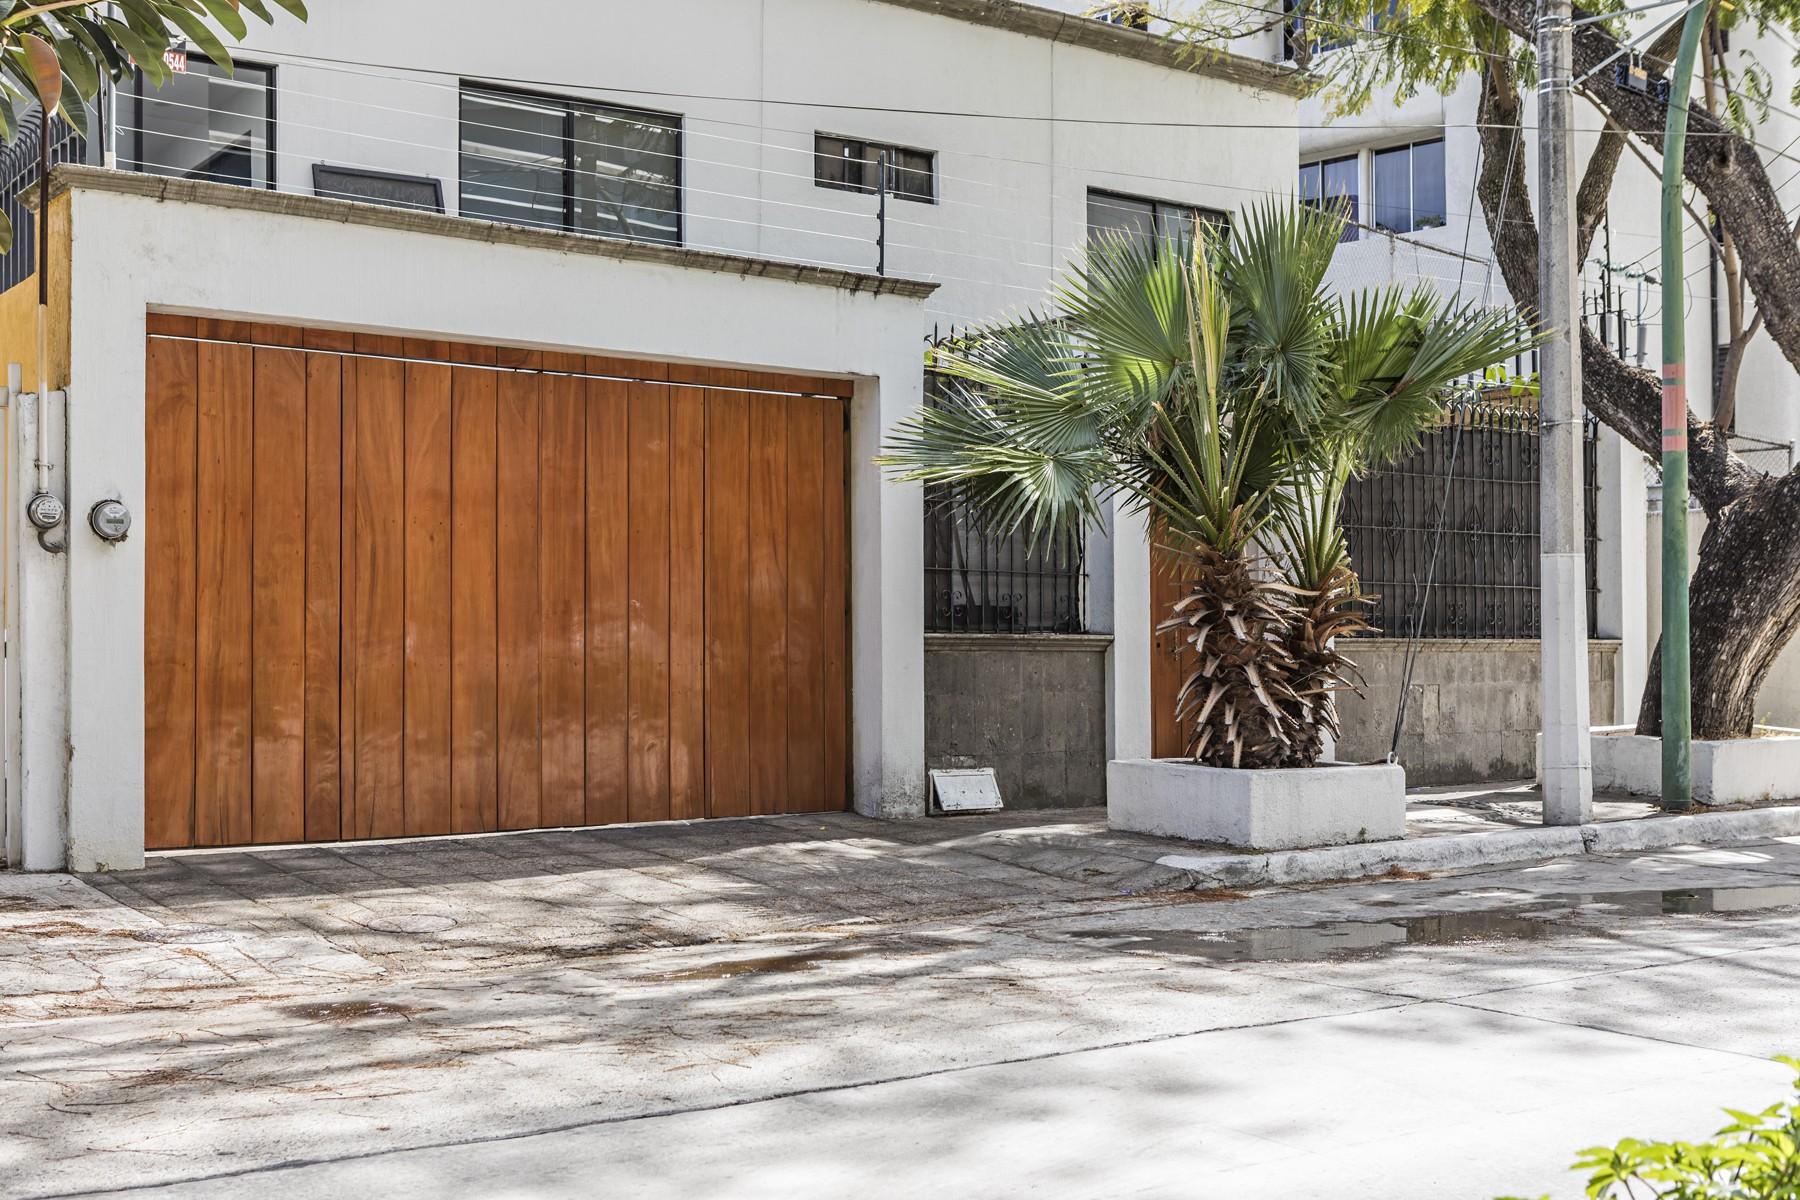 Single Family Home for Sale at Casa Chapalita Juan Bernardino 643 Zapopan, 45040 Mexico